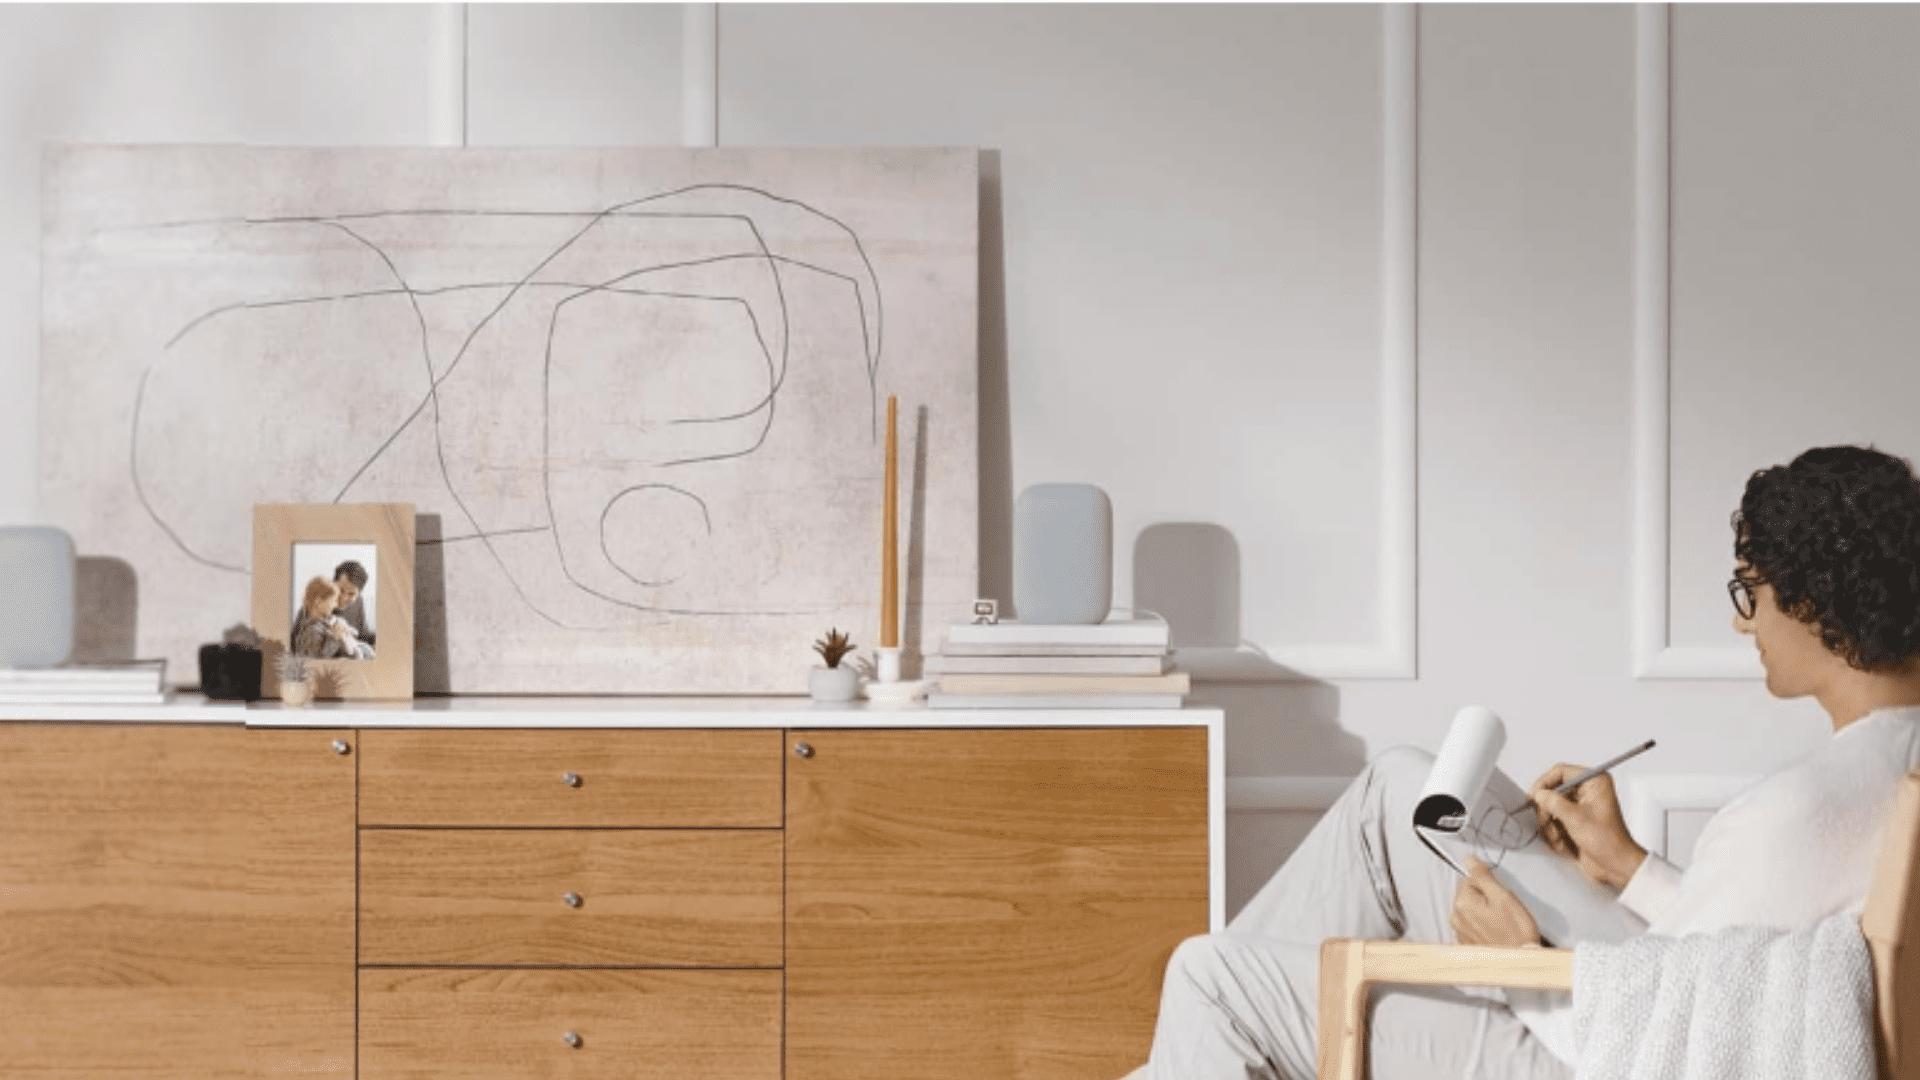 O modelo é mais potente do que o Nest Mini, o primeiro smart speaker do Google lançado no Brasil. (Imagem: Divulgação/Google)